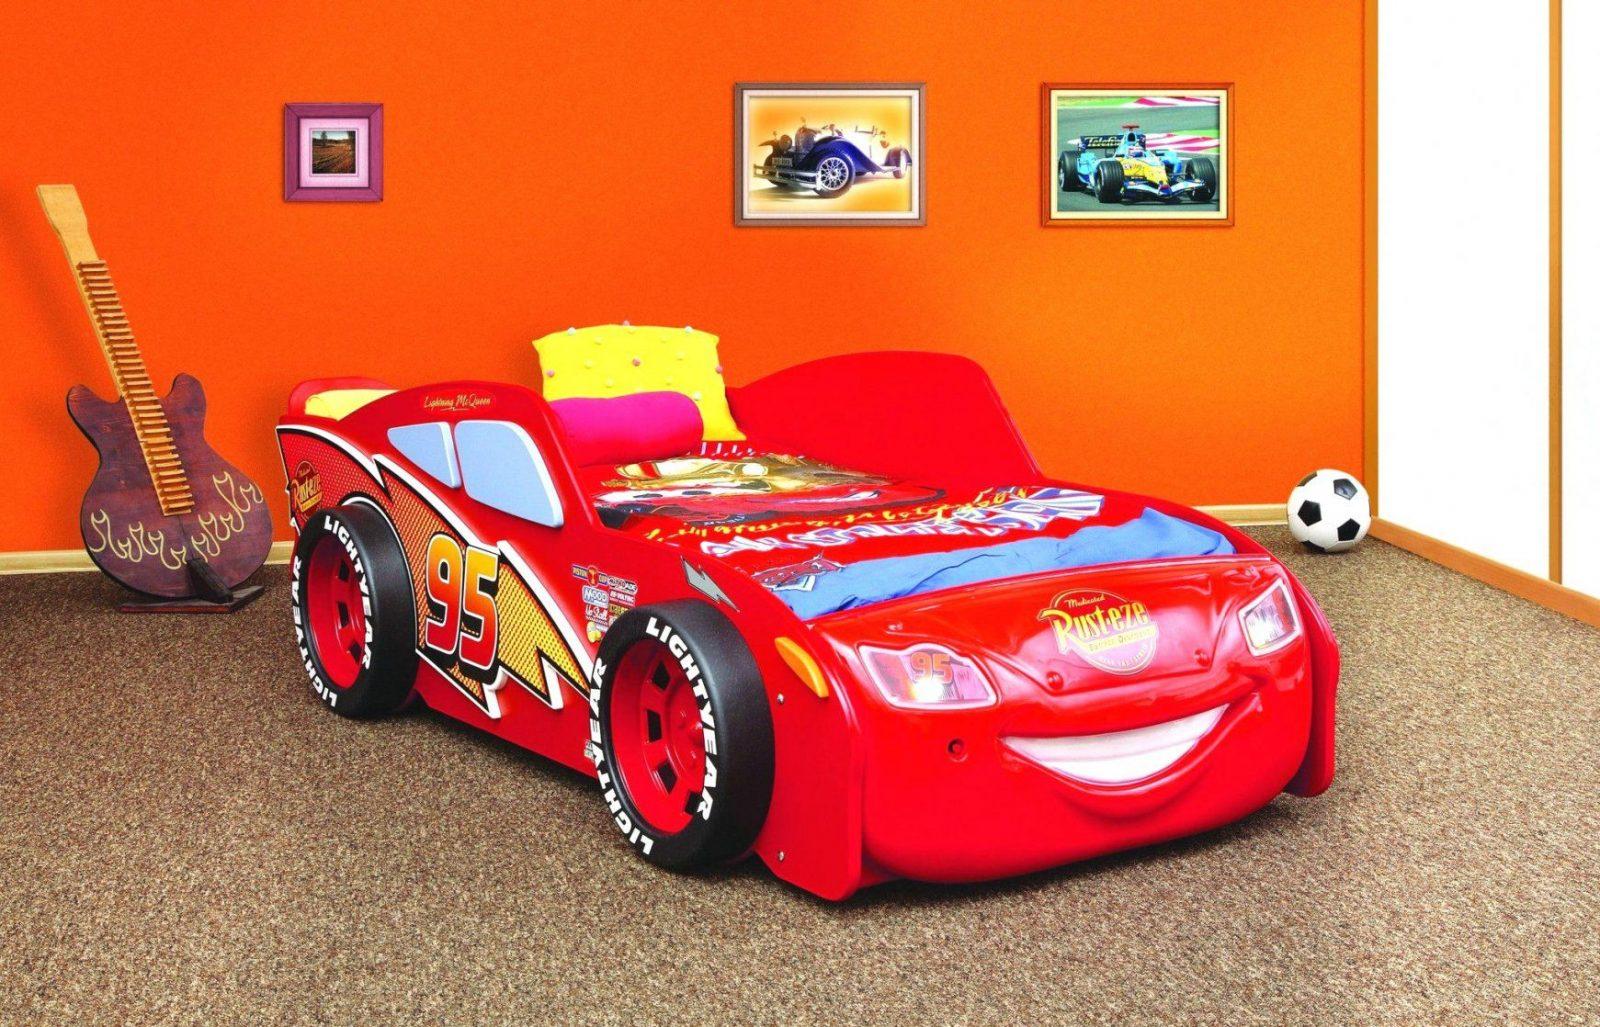 Schöne Ideen Rennwagen Bett Selber Bauen Und Disney Car Lightning von Kinderbett Selber Bauen Auto Bild